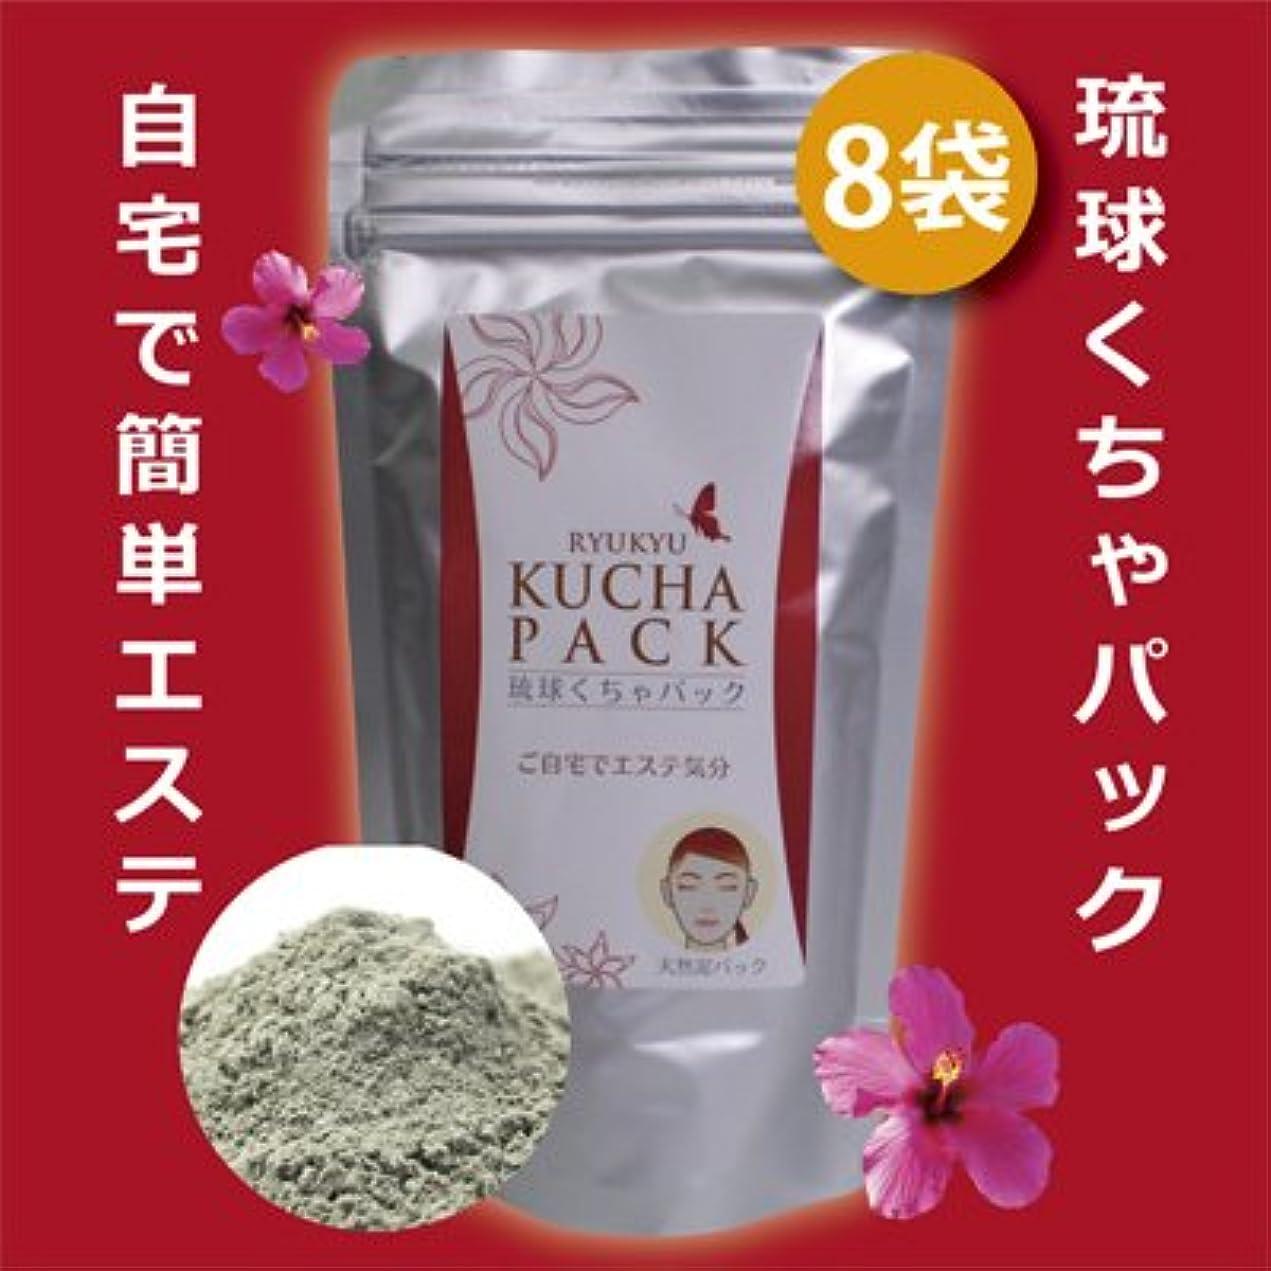 苦しみ認めるお酢美肌 健康作り 月桃水を加えた使いやすい粉末 沖縄産 琉球くちゃパック(150g)8パック